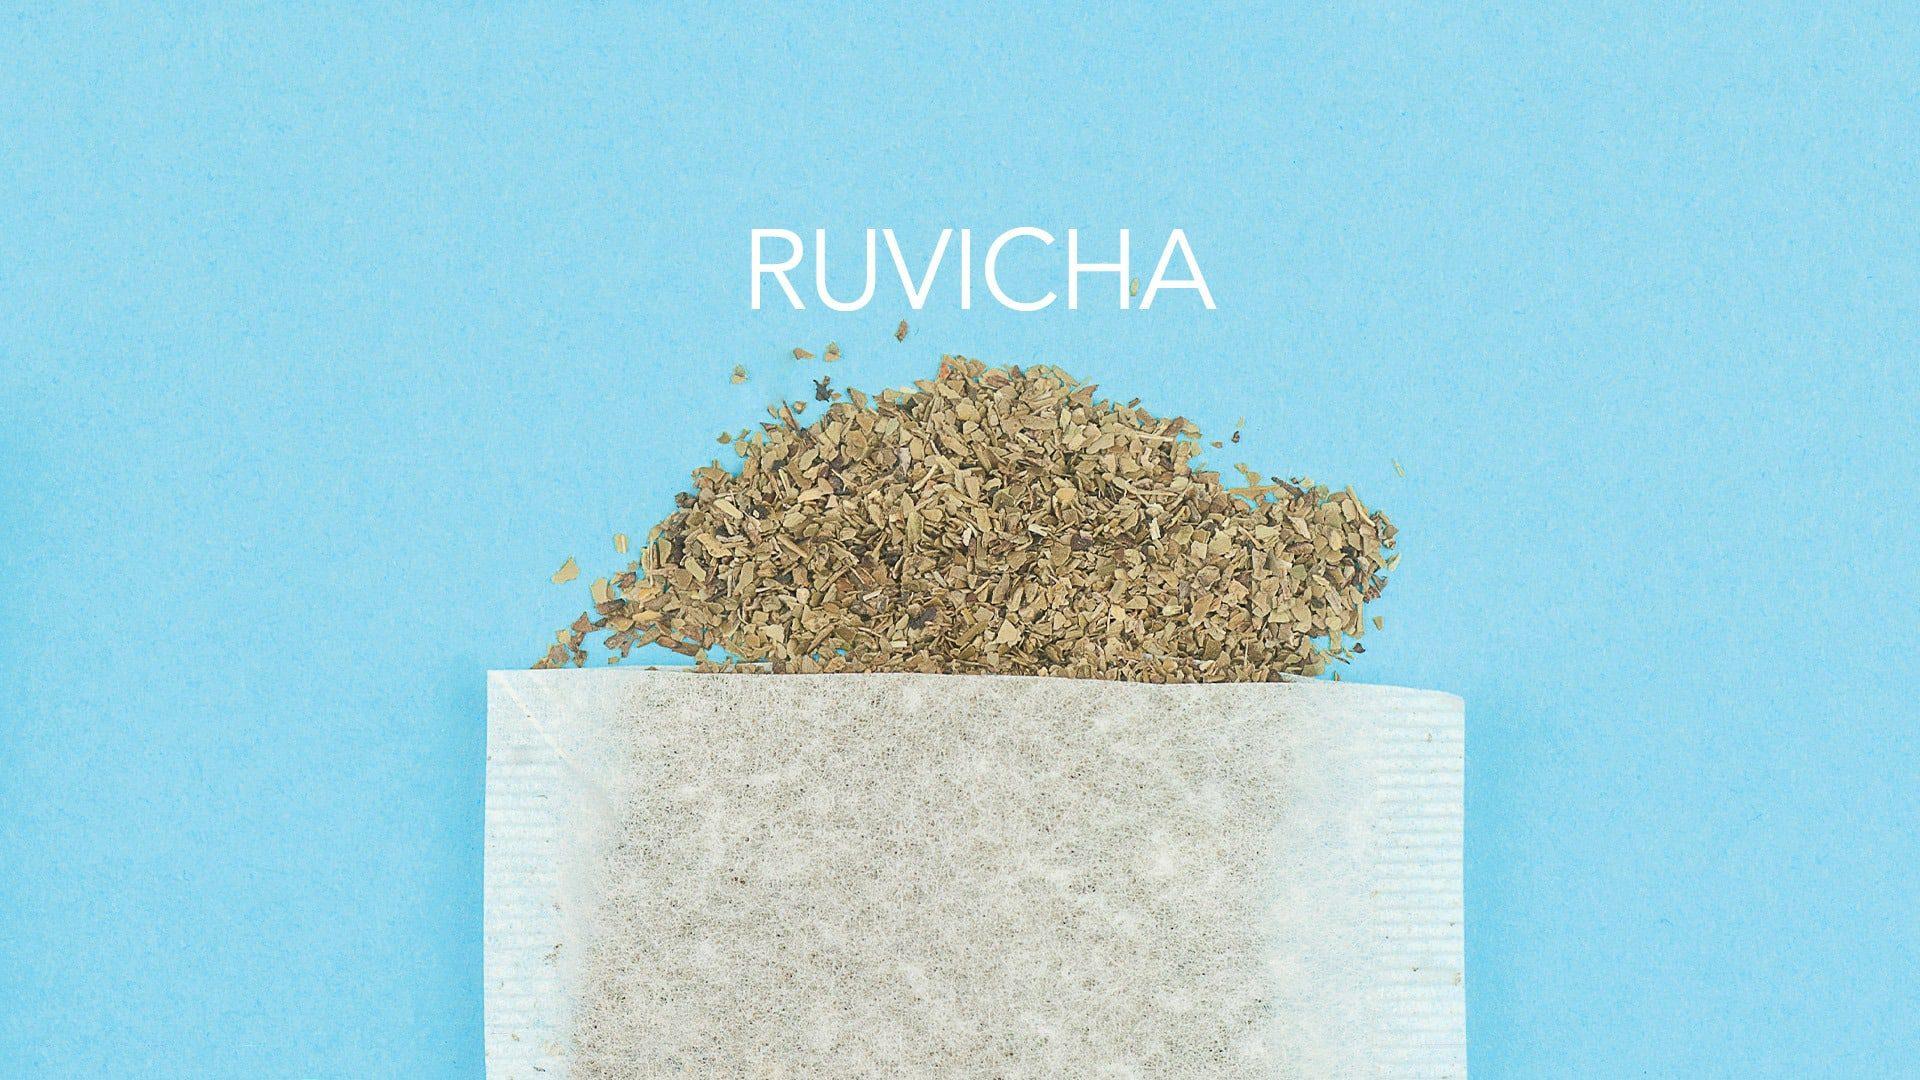 Przegląd yerba mate: Ruvicha (ostrokrzew paragwajski), opinie